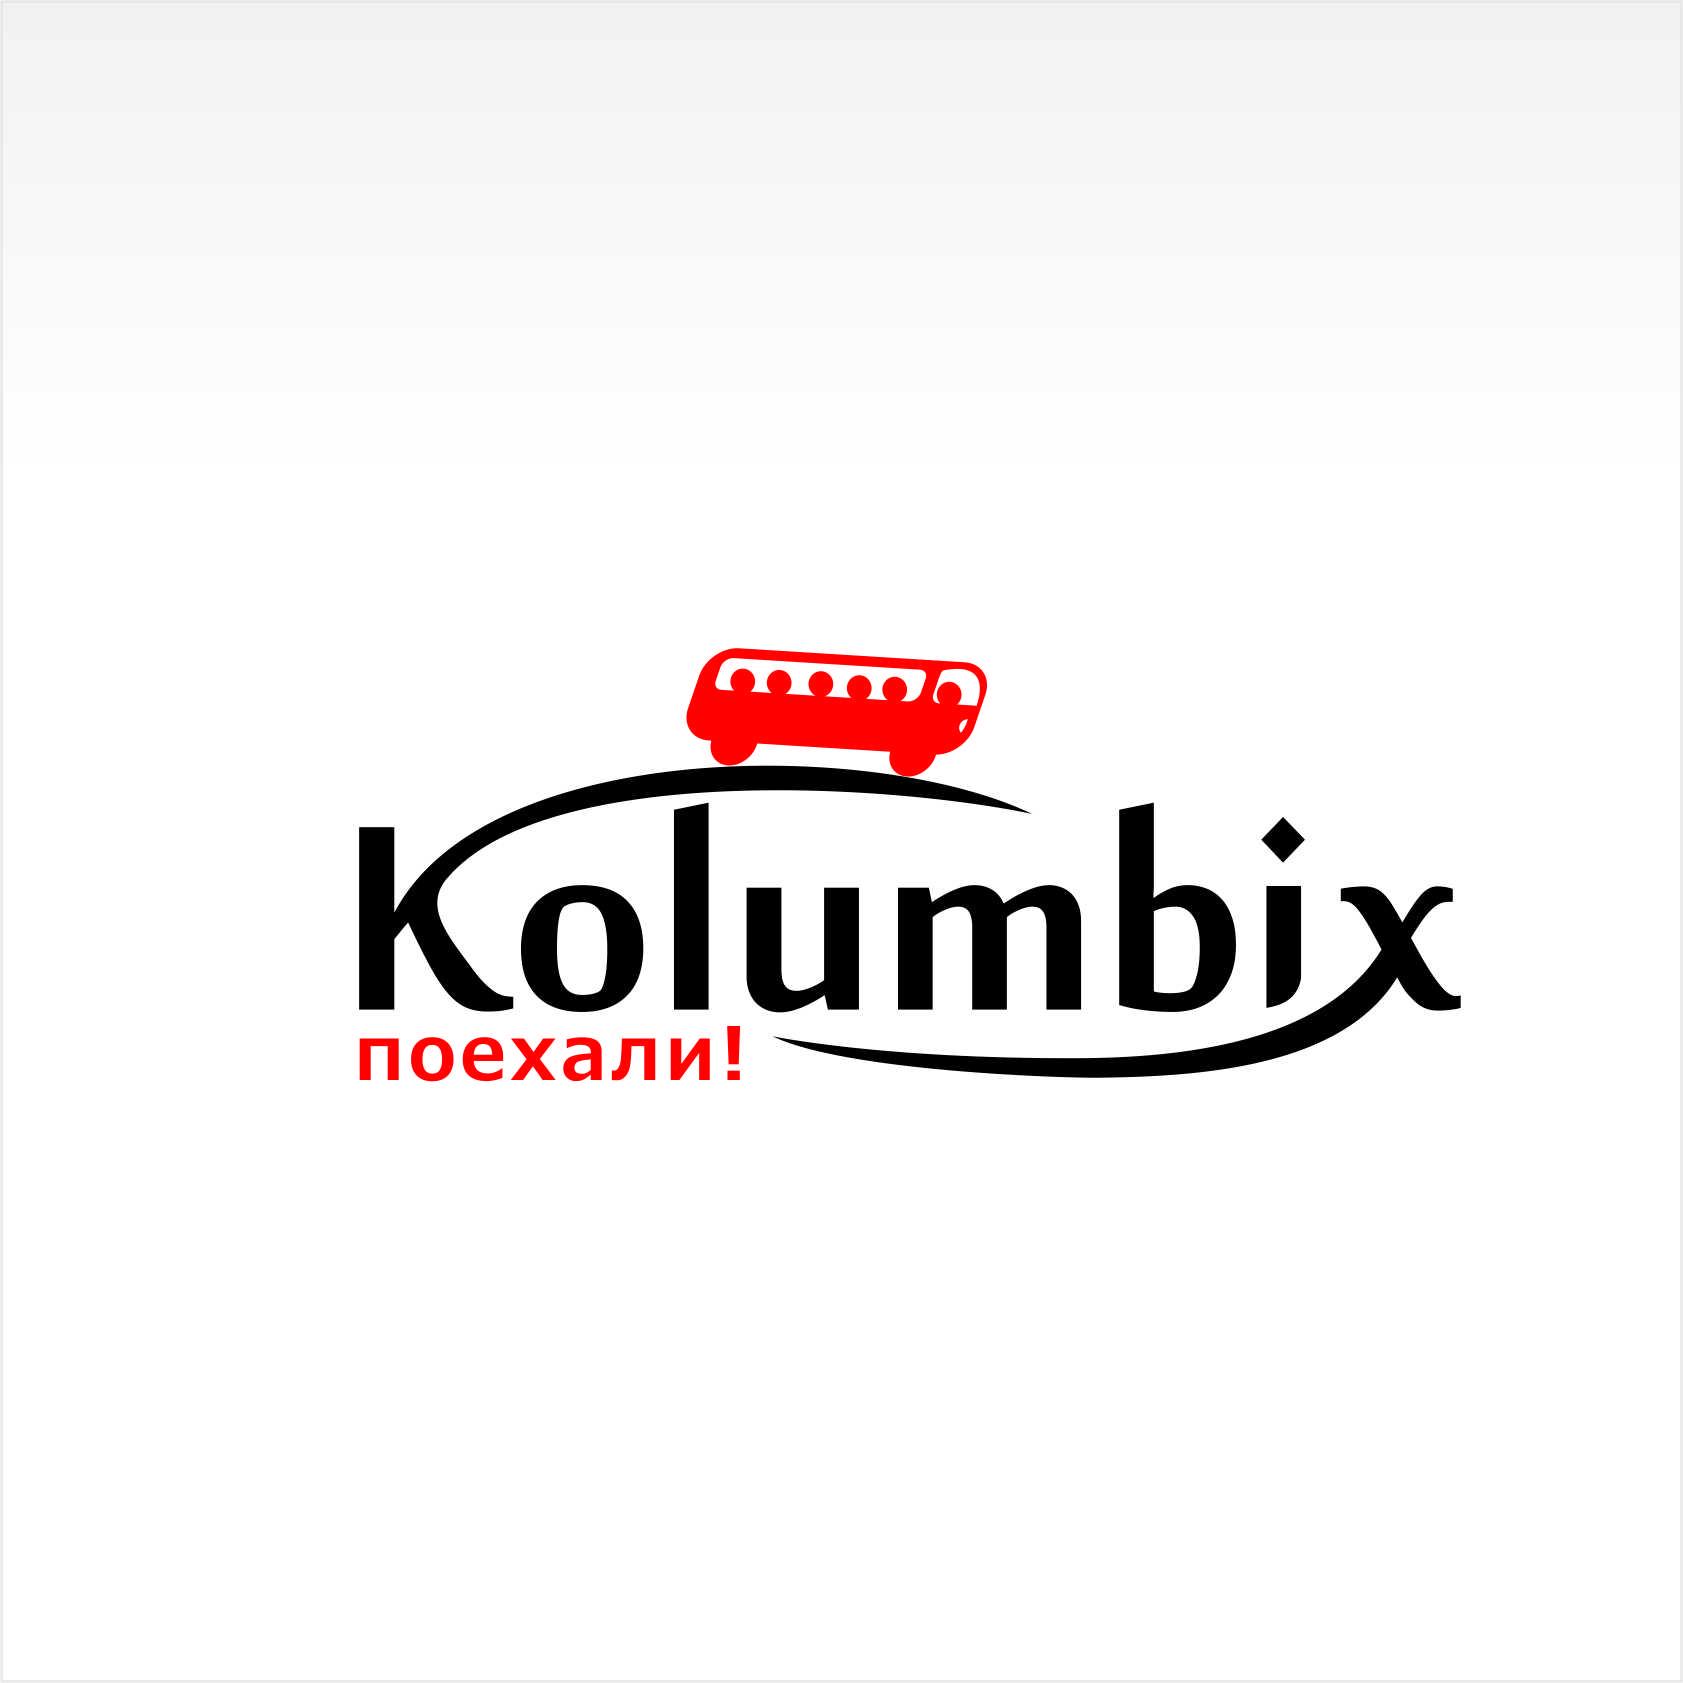 Создание логотипа для туристической фирмы Kolumbix фото f_4fb630cb51564.jpg